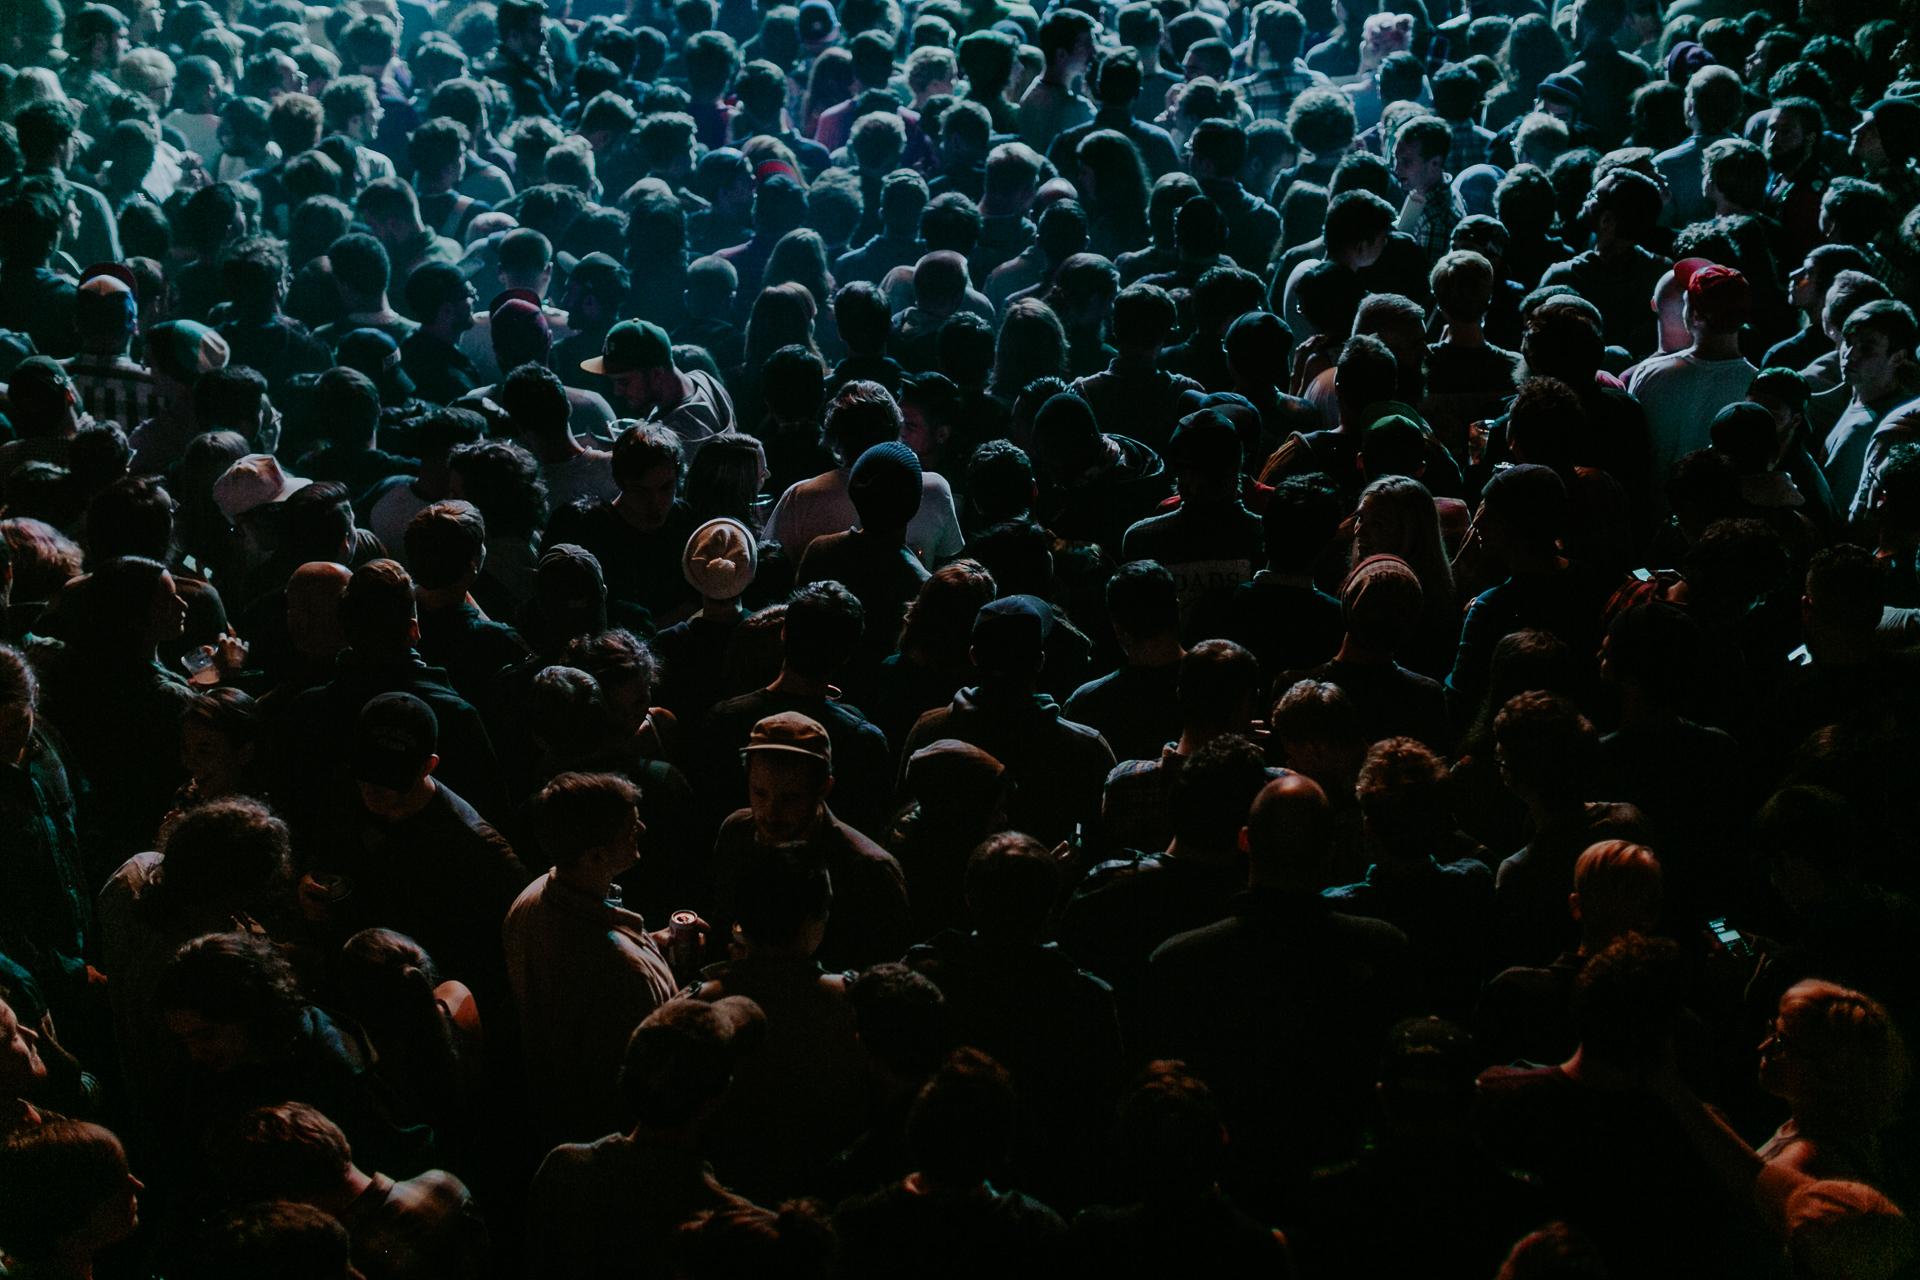 af crowd-4059.jpg